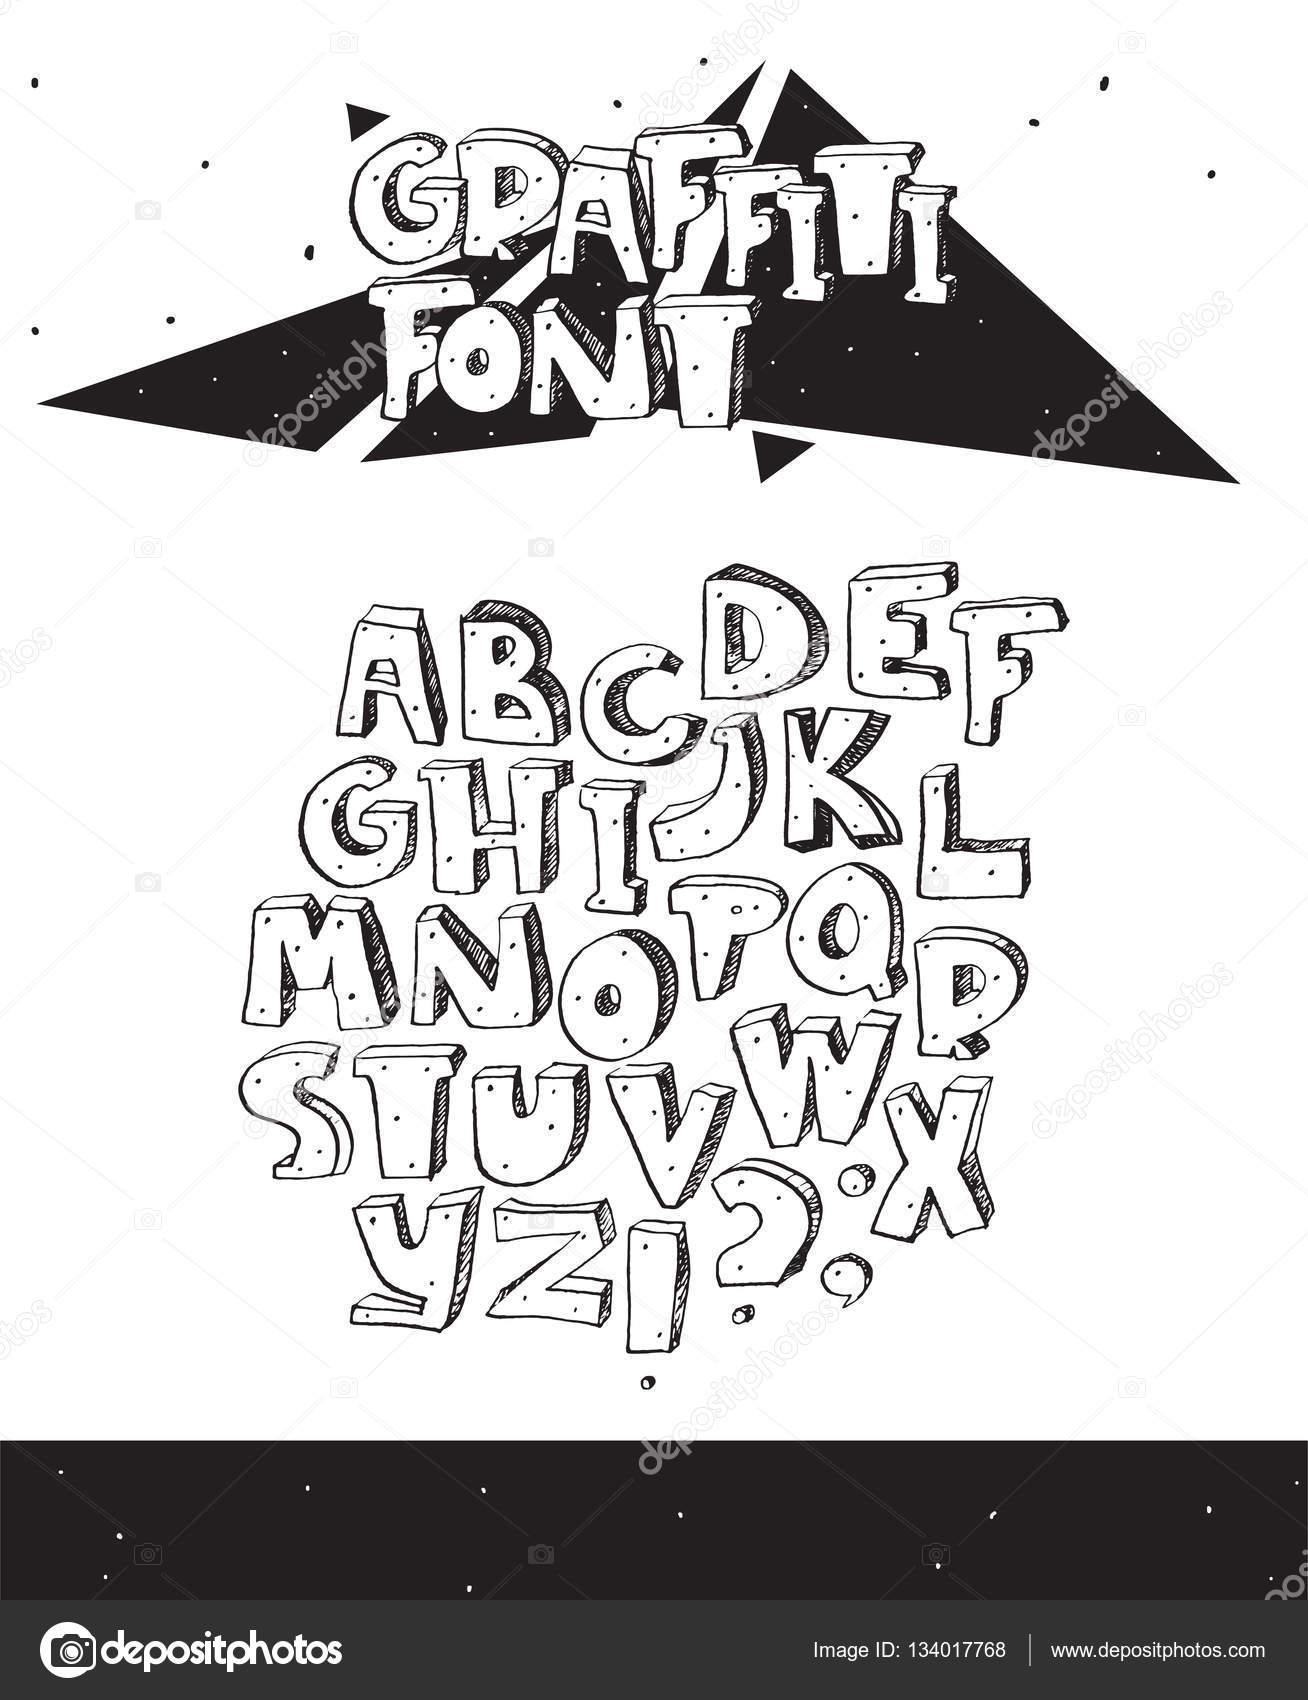 Vektör elle çizilmiş illüstrasyon izole beyaz siyah ve beyaz kusurlu grafiti yazı tipiyle 3d mektupları sıra adan zye mürekkep kapağı ve